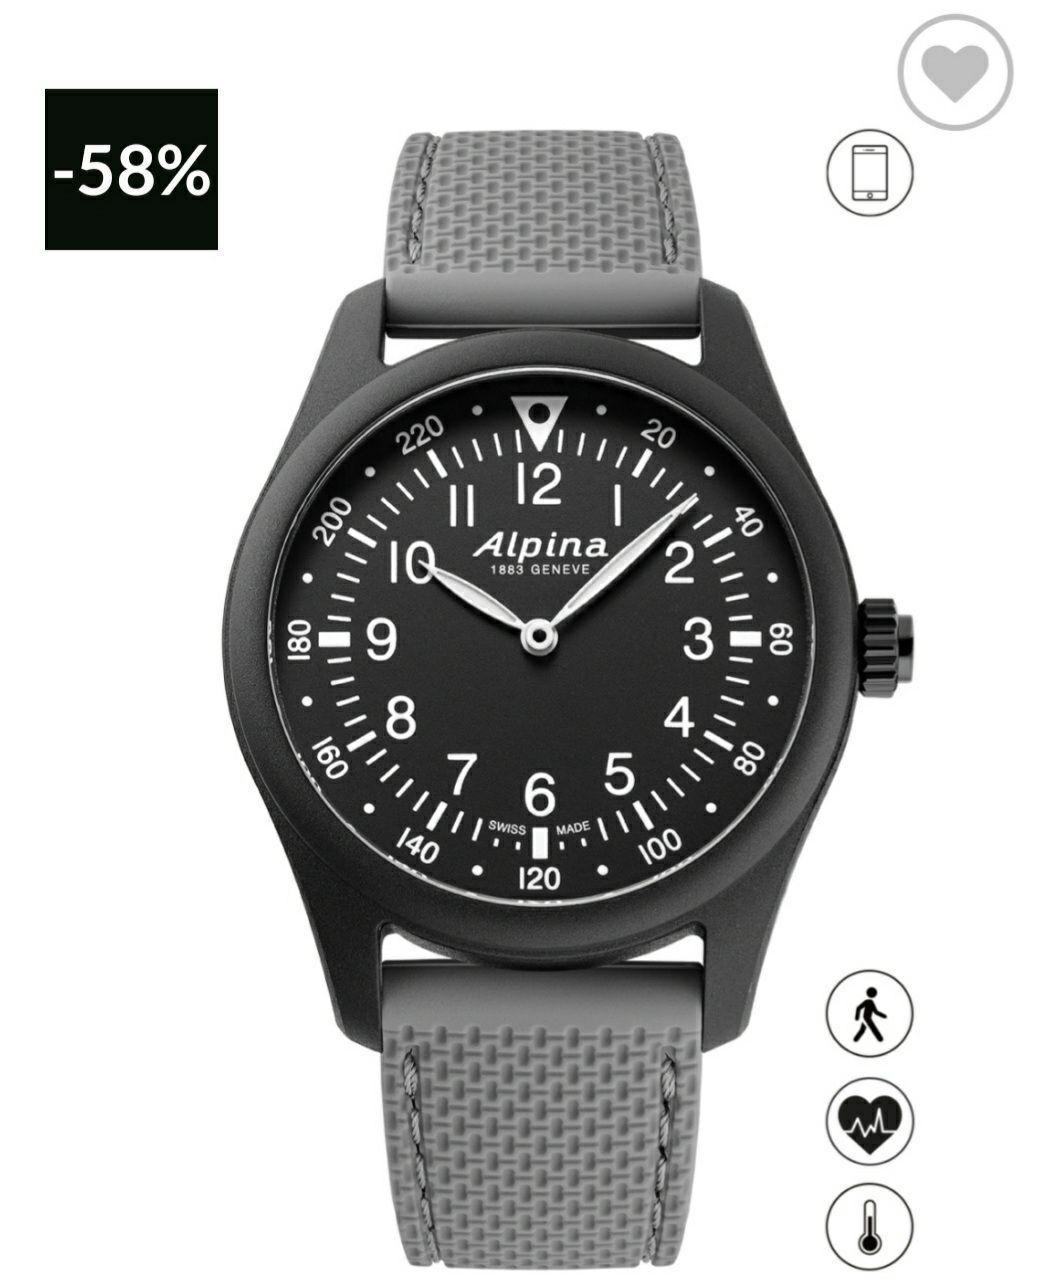 Reloj ALPINA GENEVE (Hay más modelos en oferta en web oficial de la marca). Leed descripción para acceder.